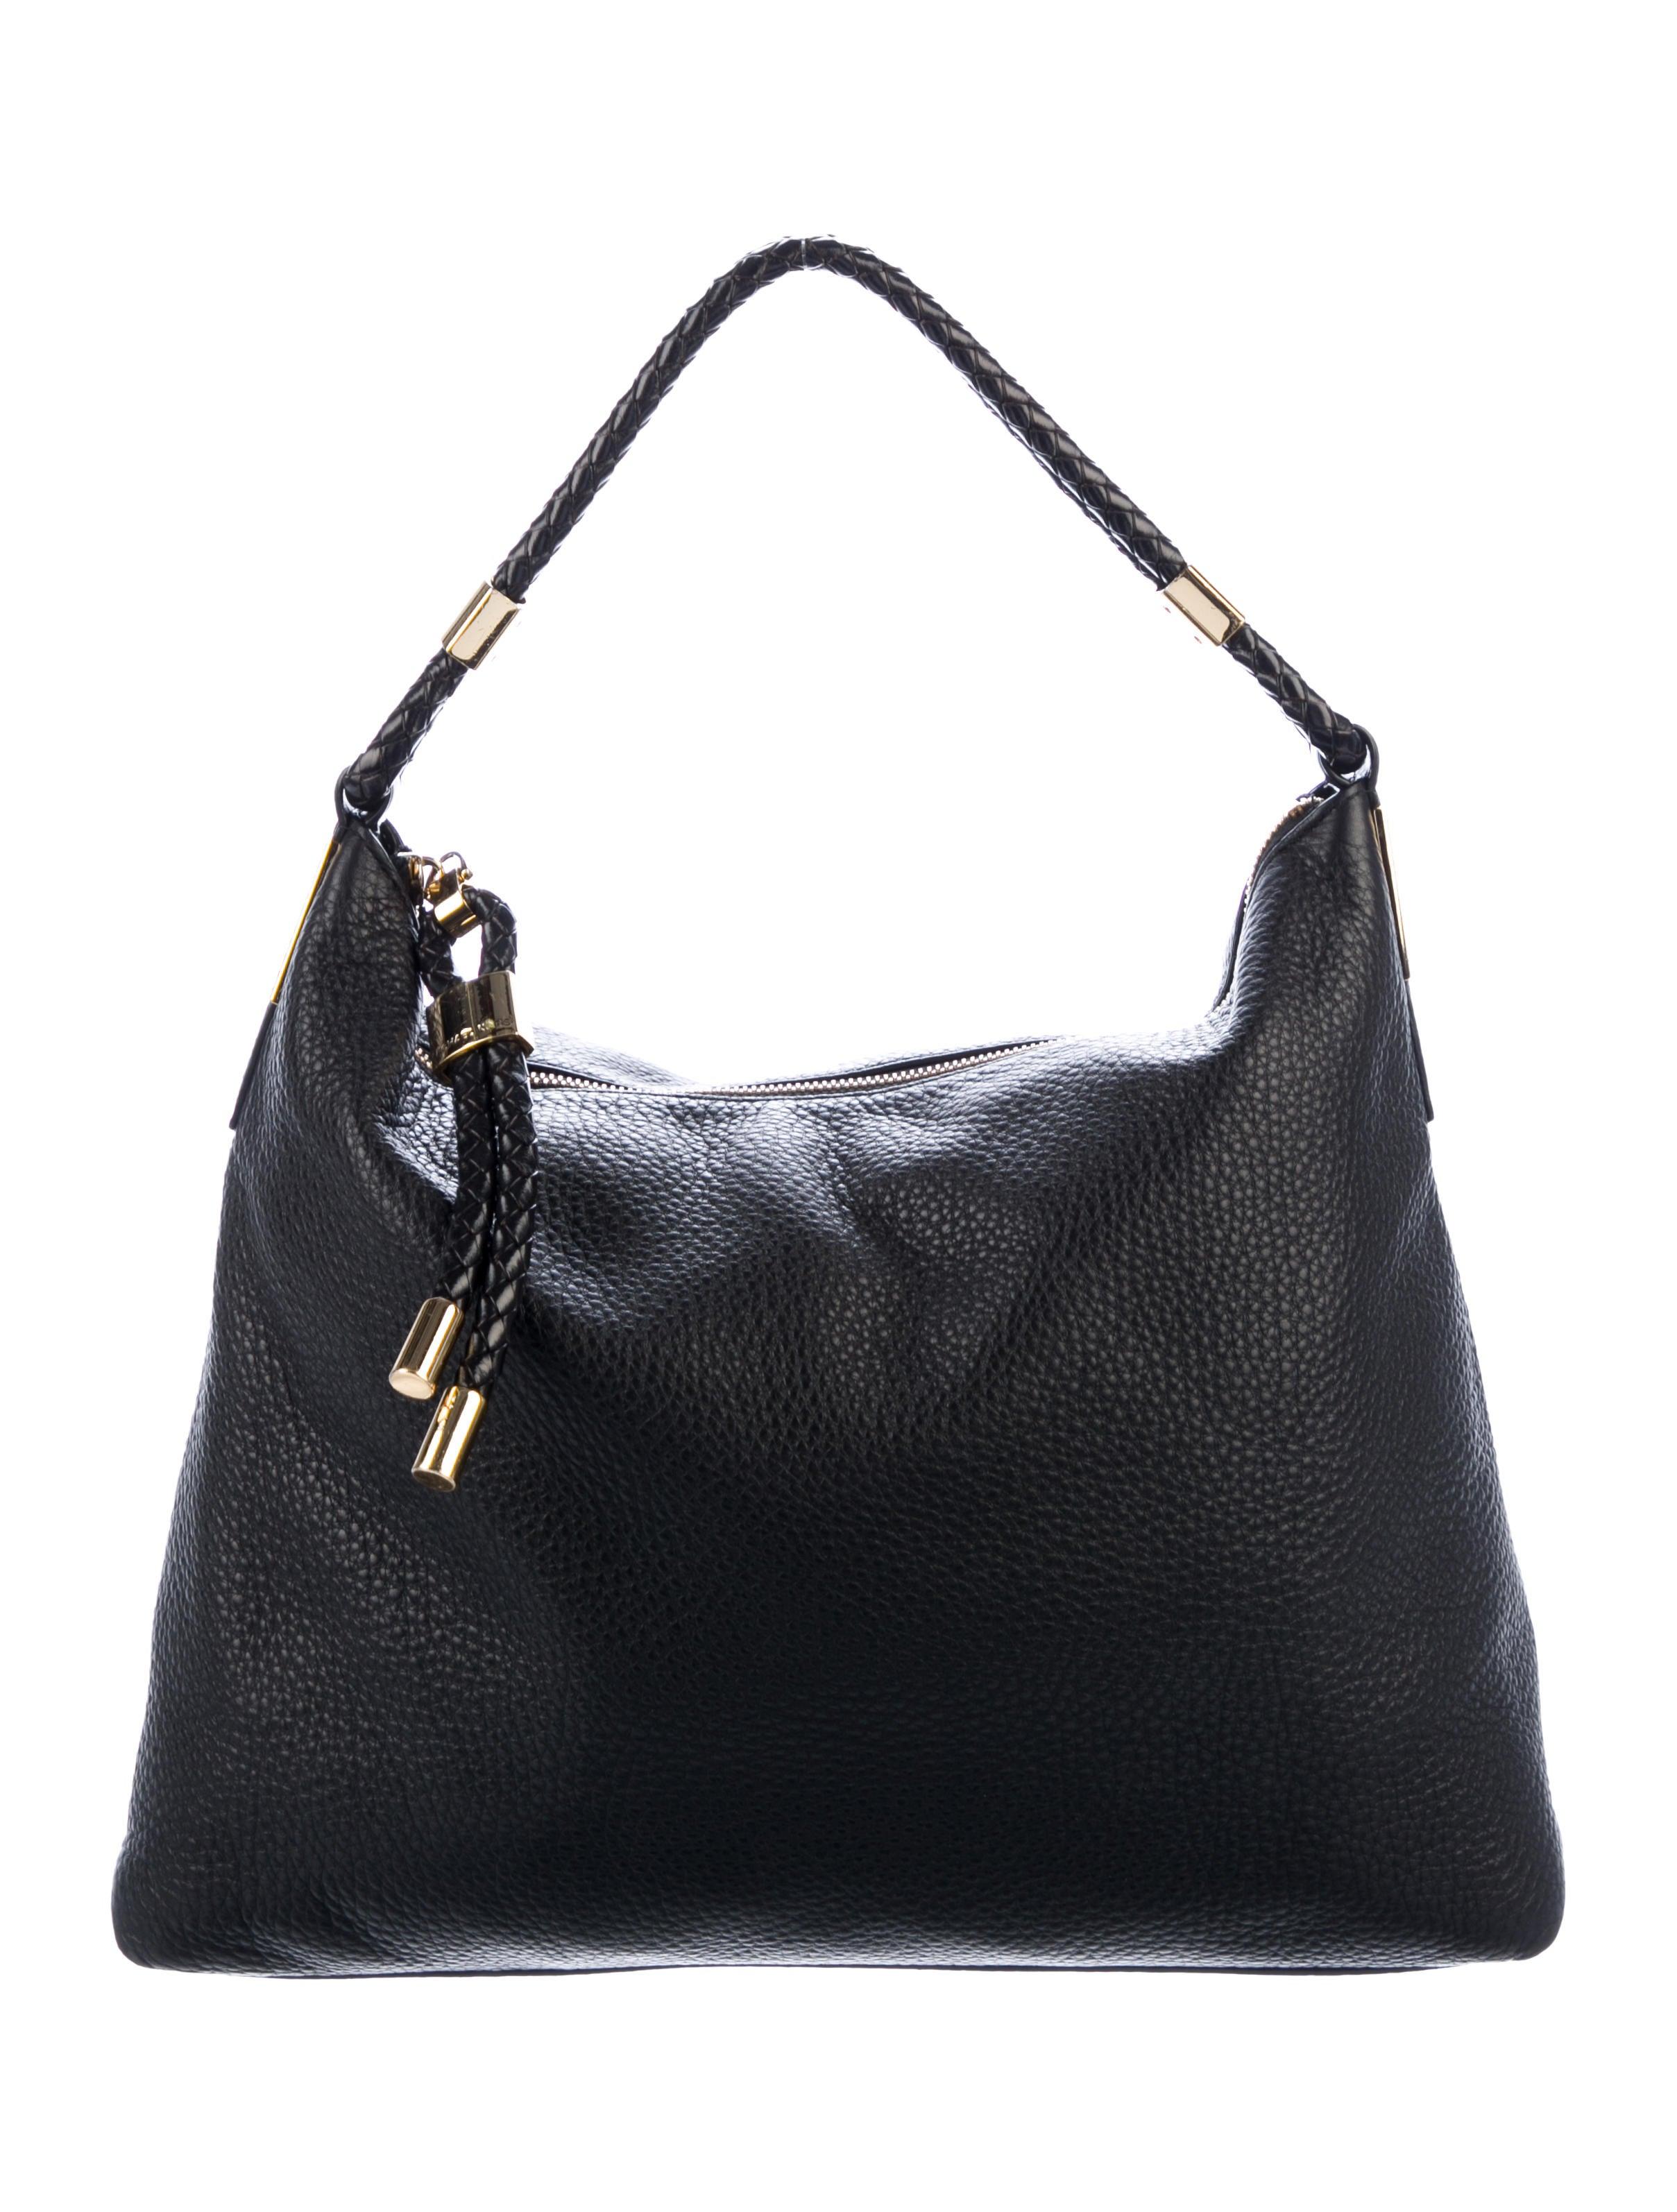 201666a62dc8 Michael Kors 2019 Skorpios Large Pebbled Leather Shoulder Bag ...